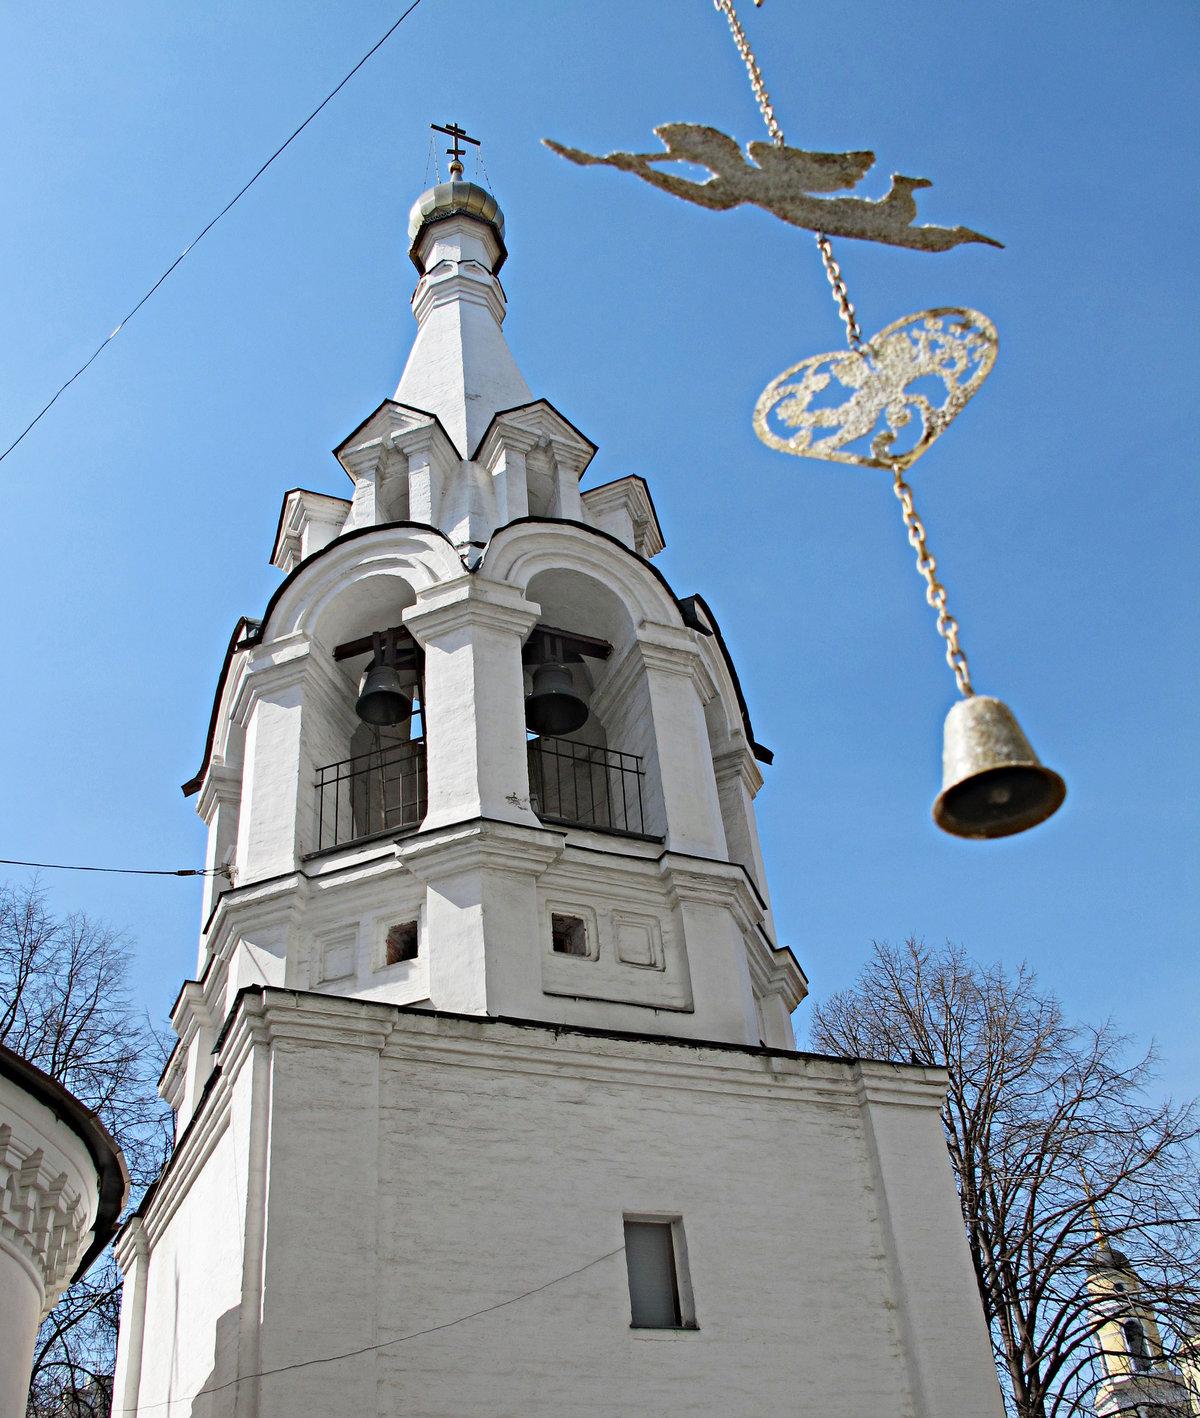 большим энтузиазмом картинки колокольня в церкви мне удалось